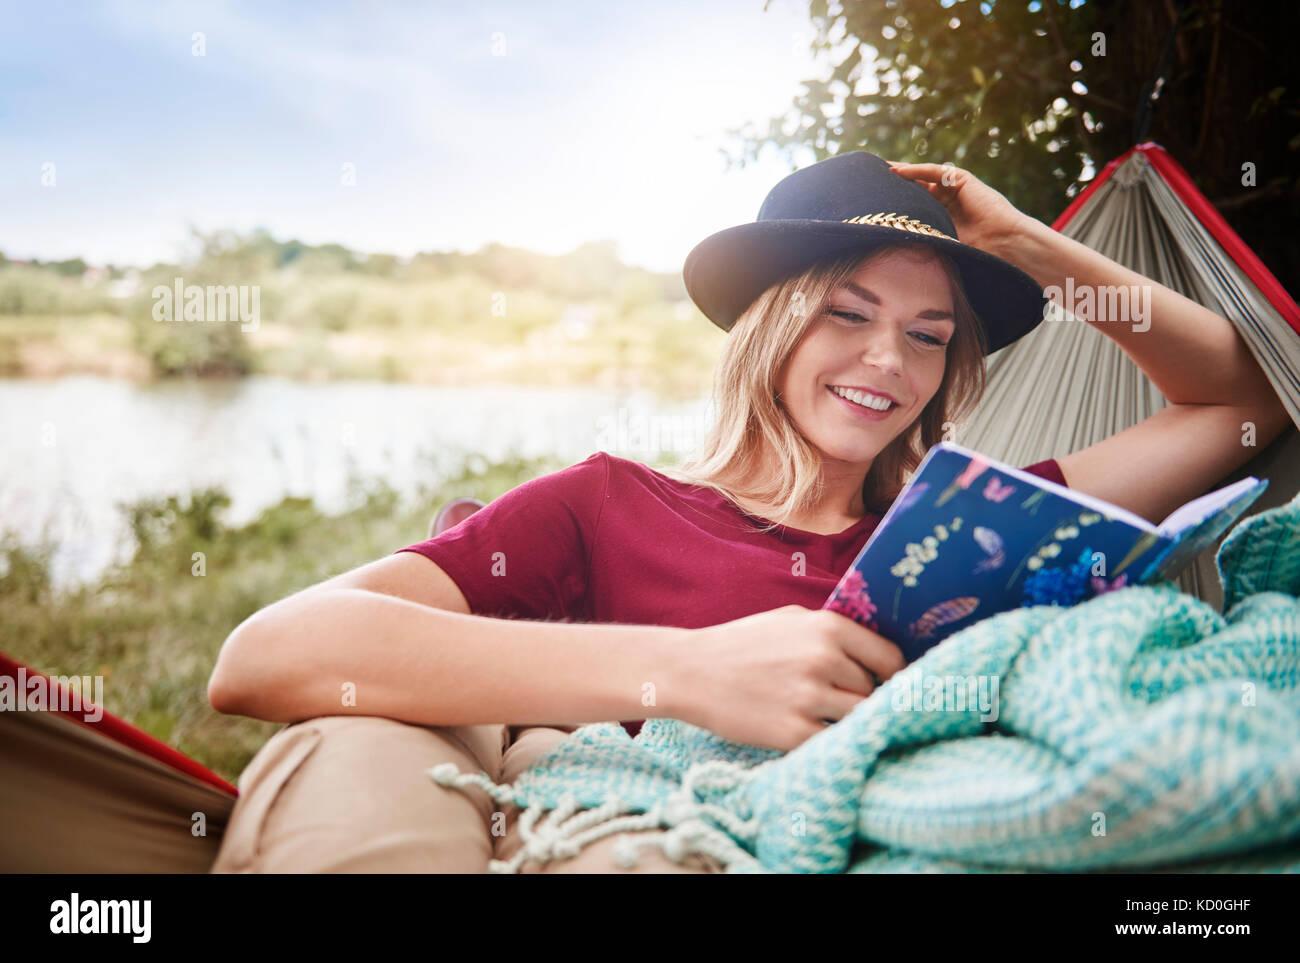 Frau Entspannen in der Hängematte lesen Buch, Krakow, Malopolskie, Polen, Europa Stockbild